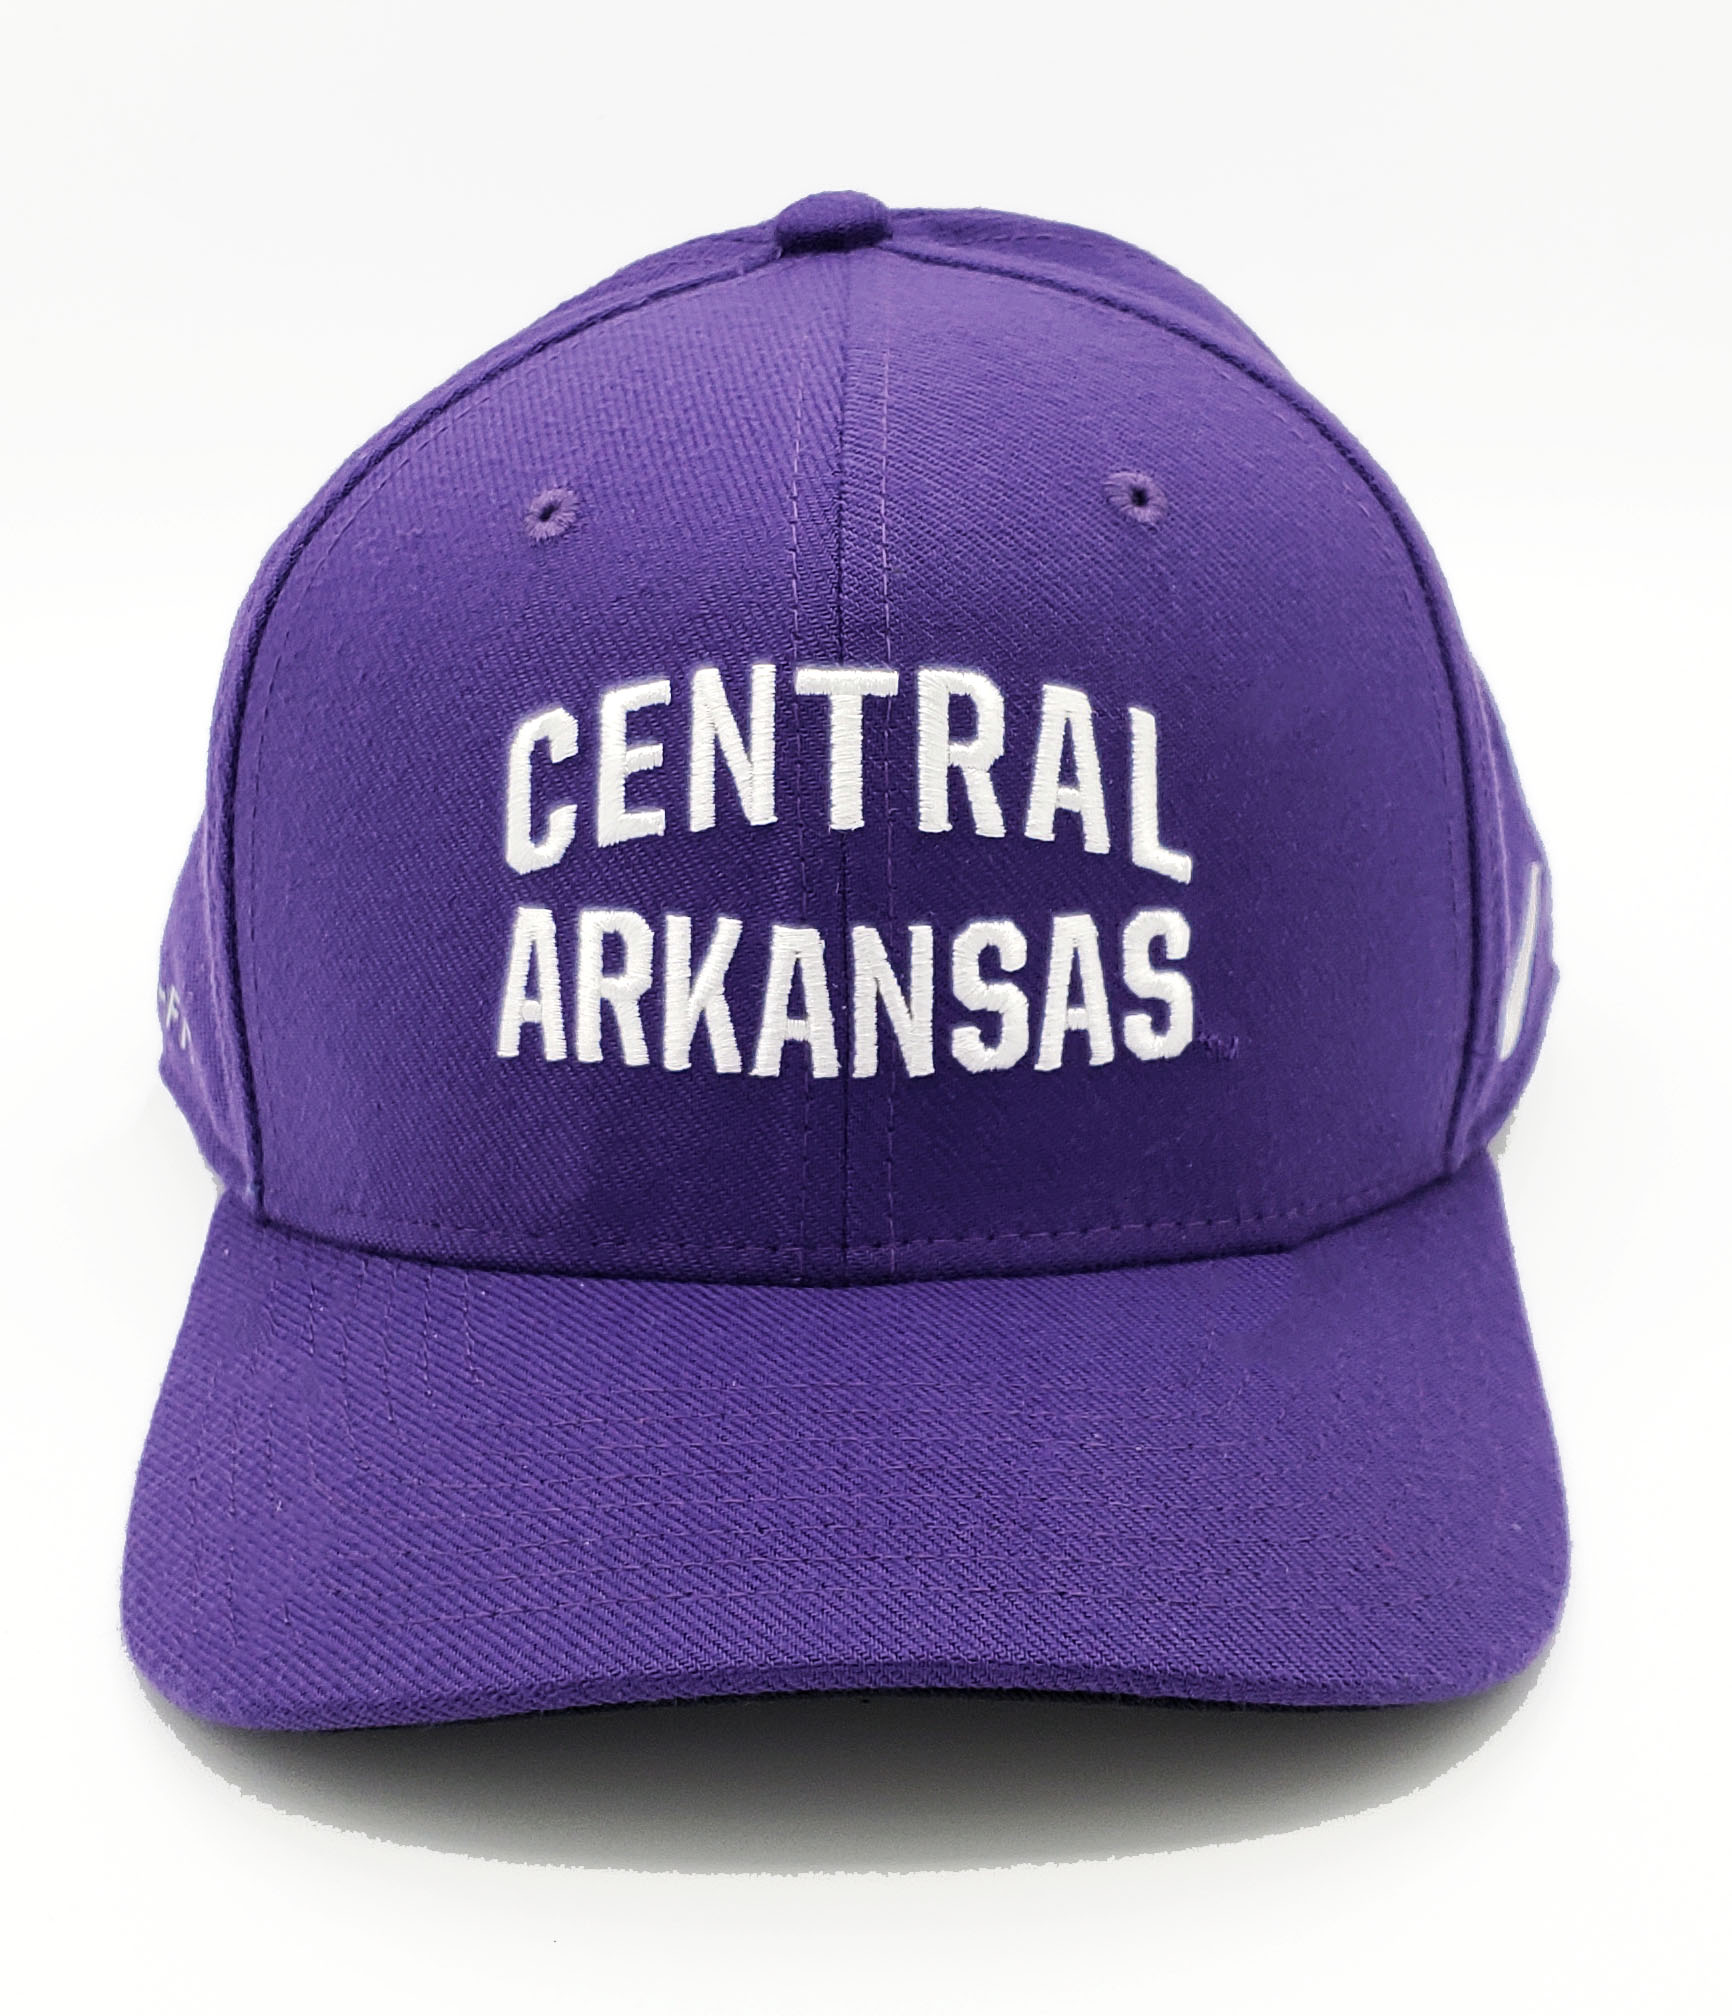 Central Arkansas Cap